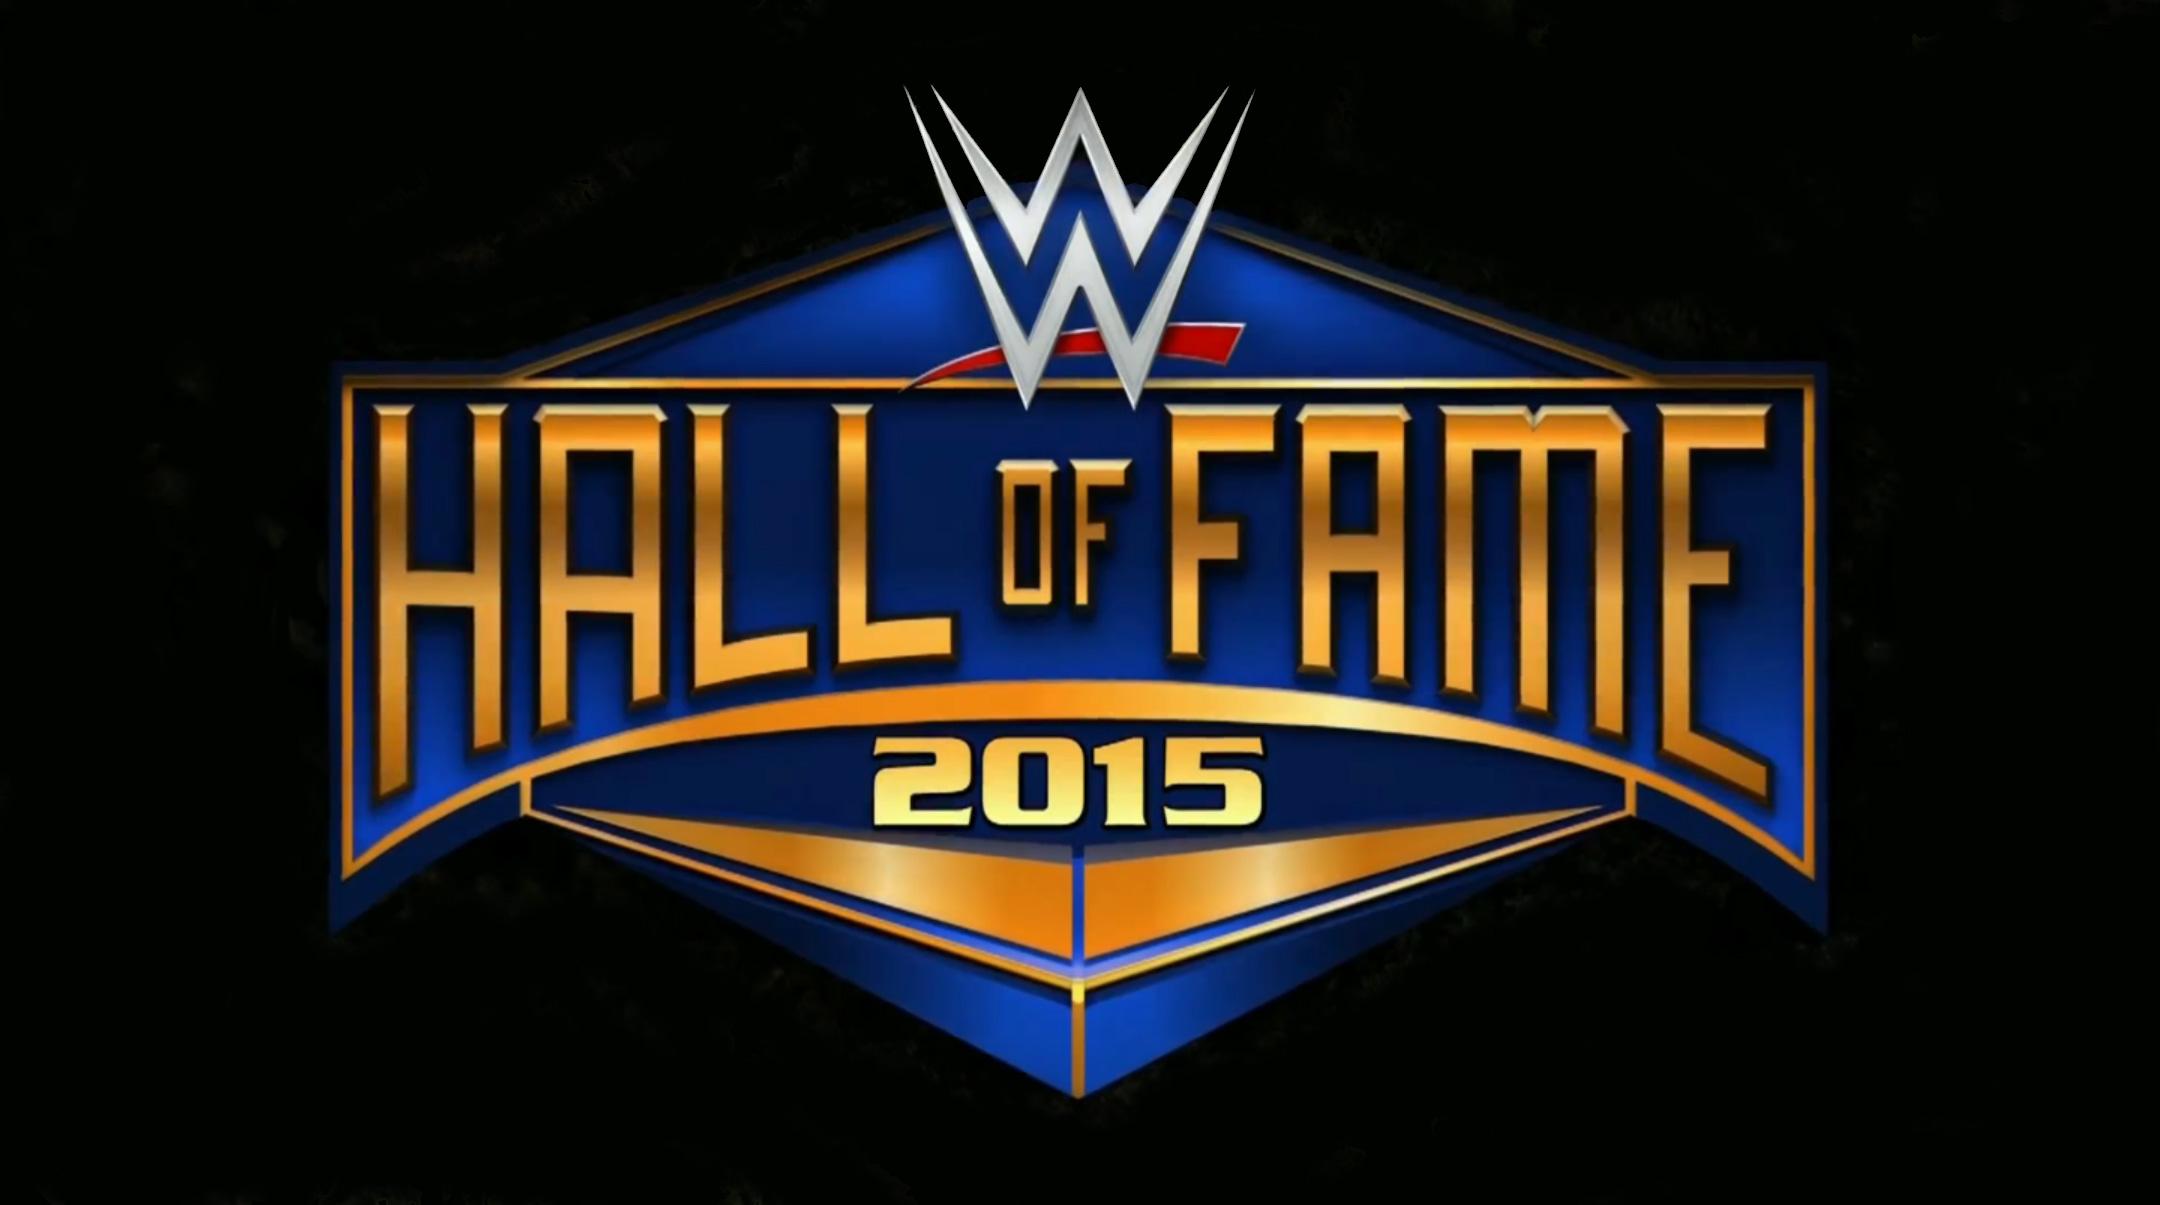 WWE Hall of Fame (2015)